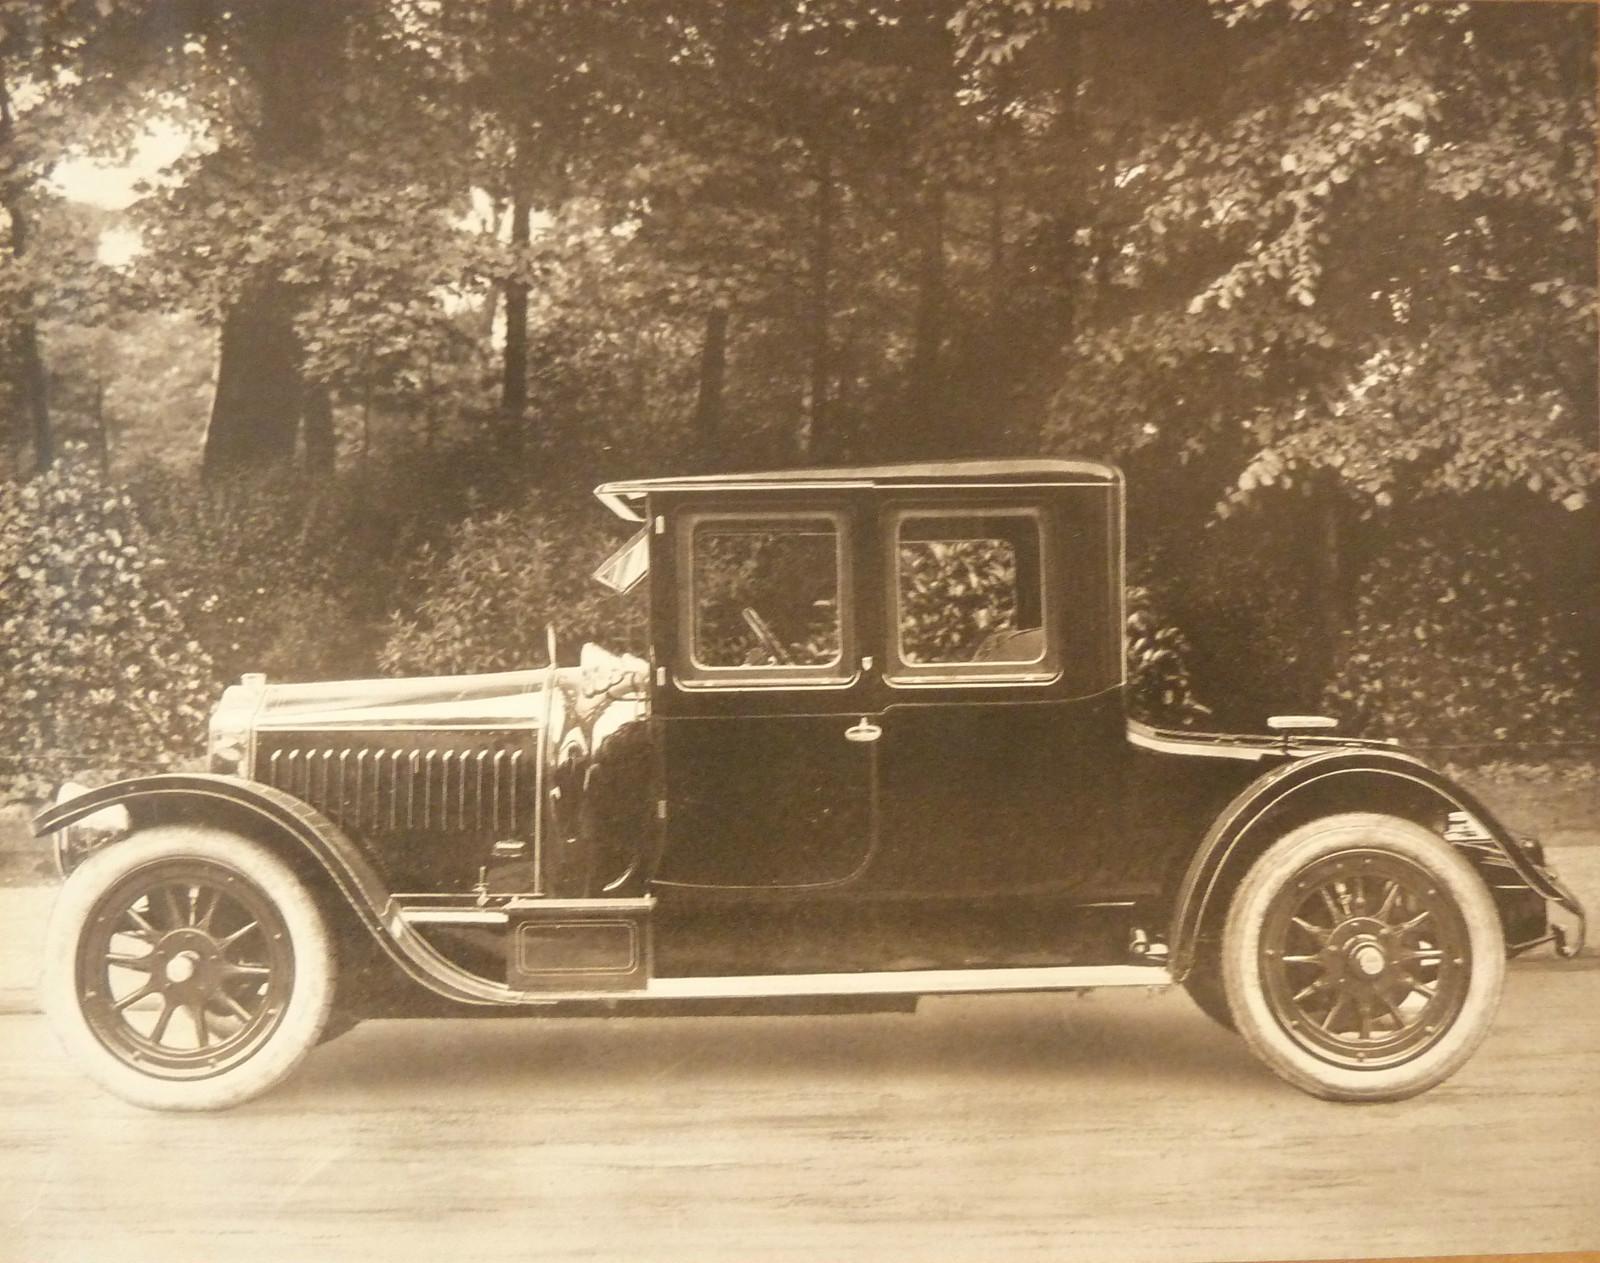 Автомобиль французской компании De Dion-Bouton  Альбера де Диона и Жоржа Бутона